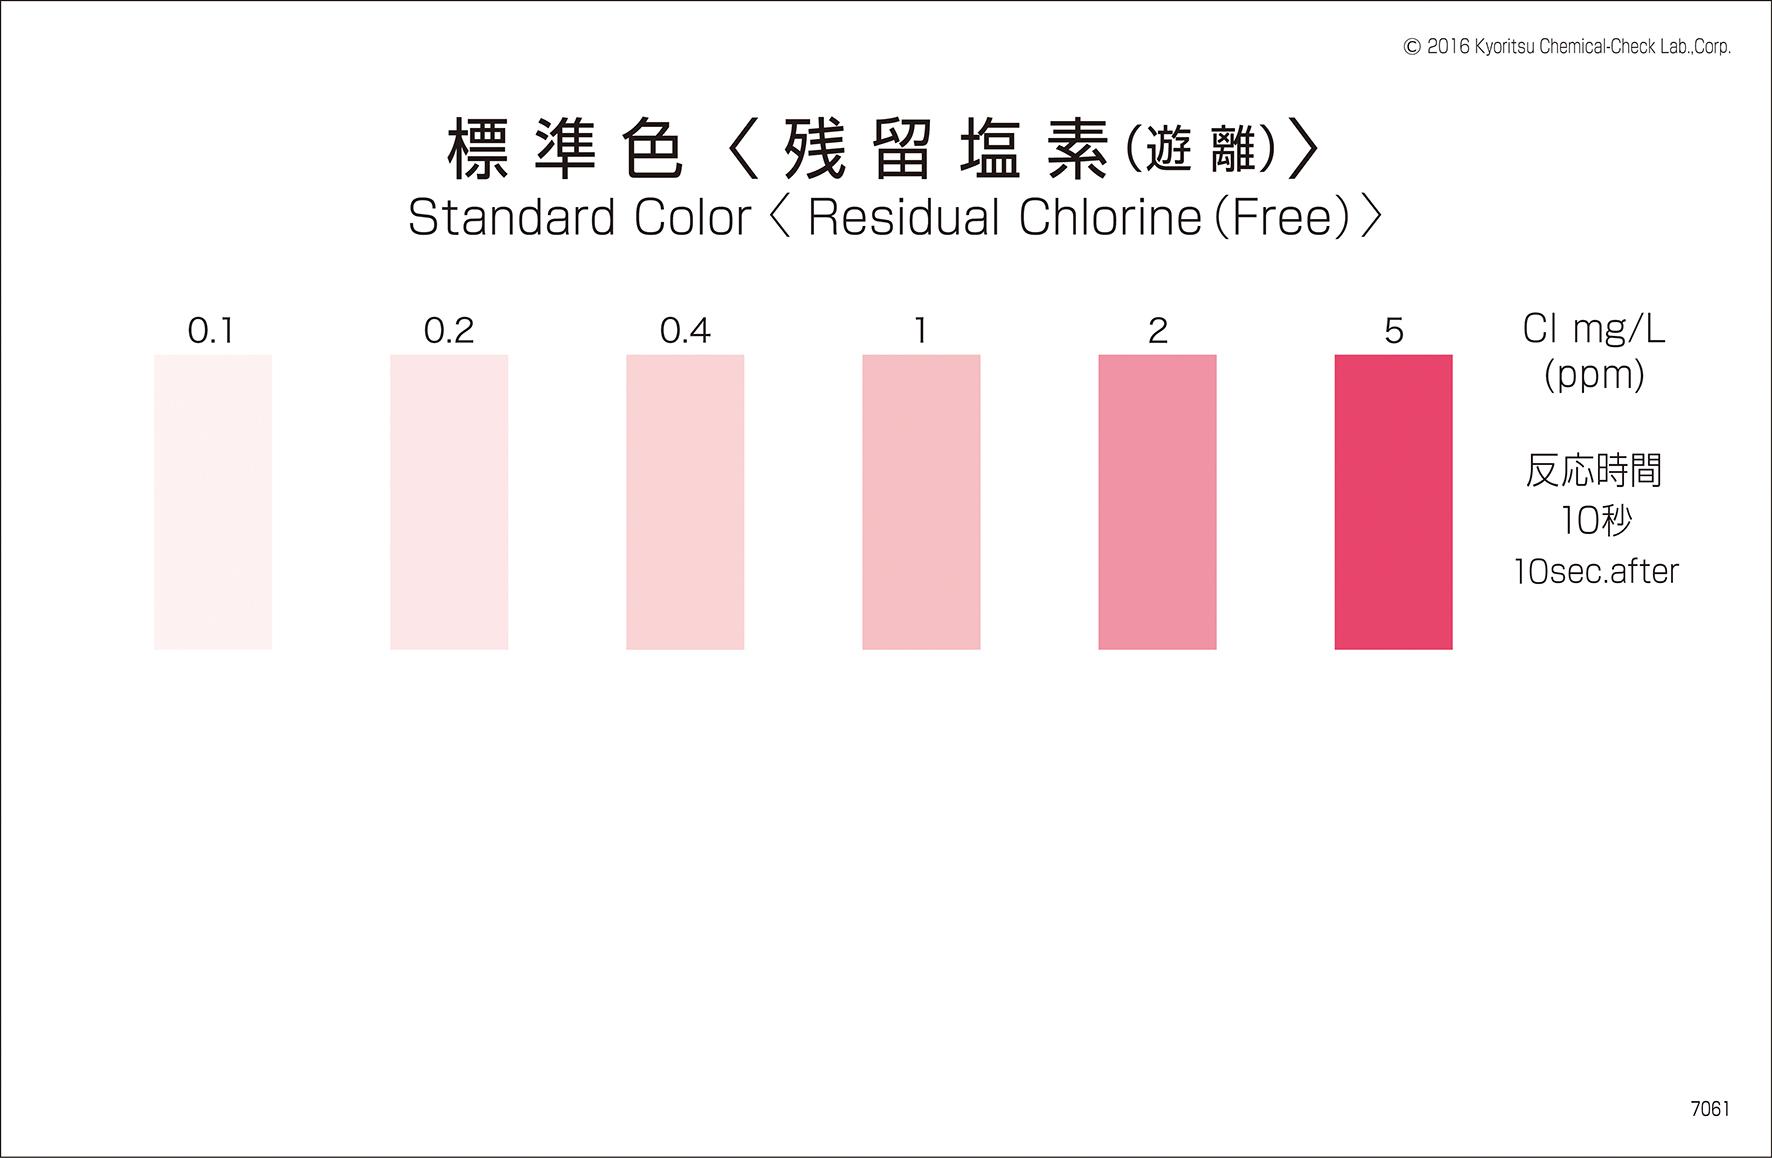 パックテスト 標準色 銅(排水) WAK-CuM-S 共立理化学研究所【Airis1.co.jp】